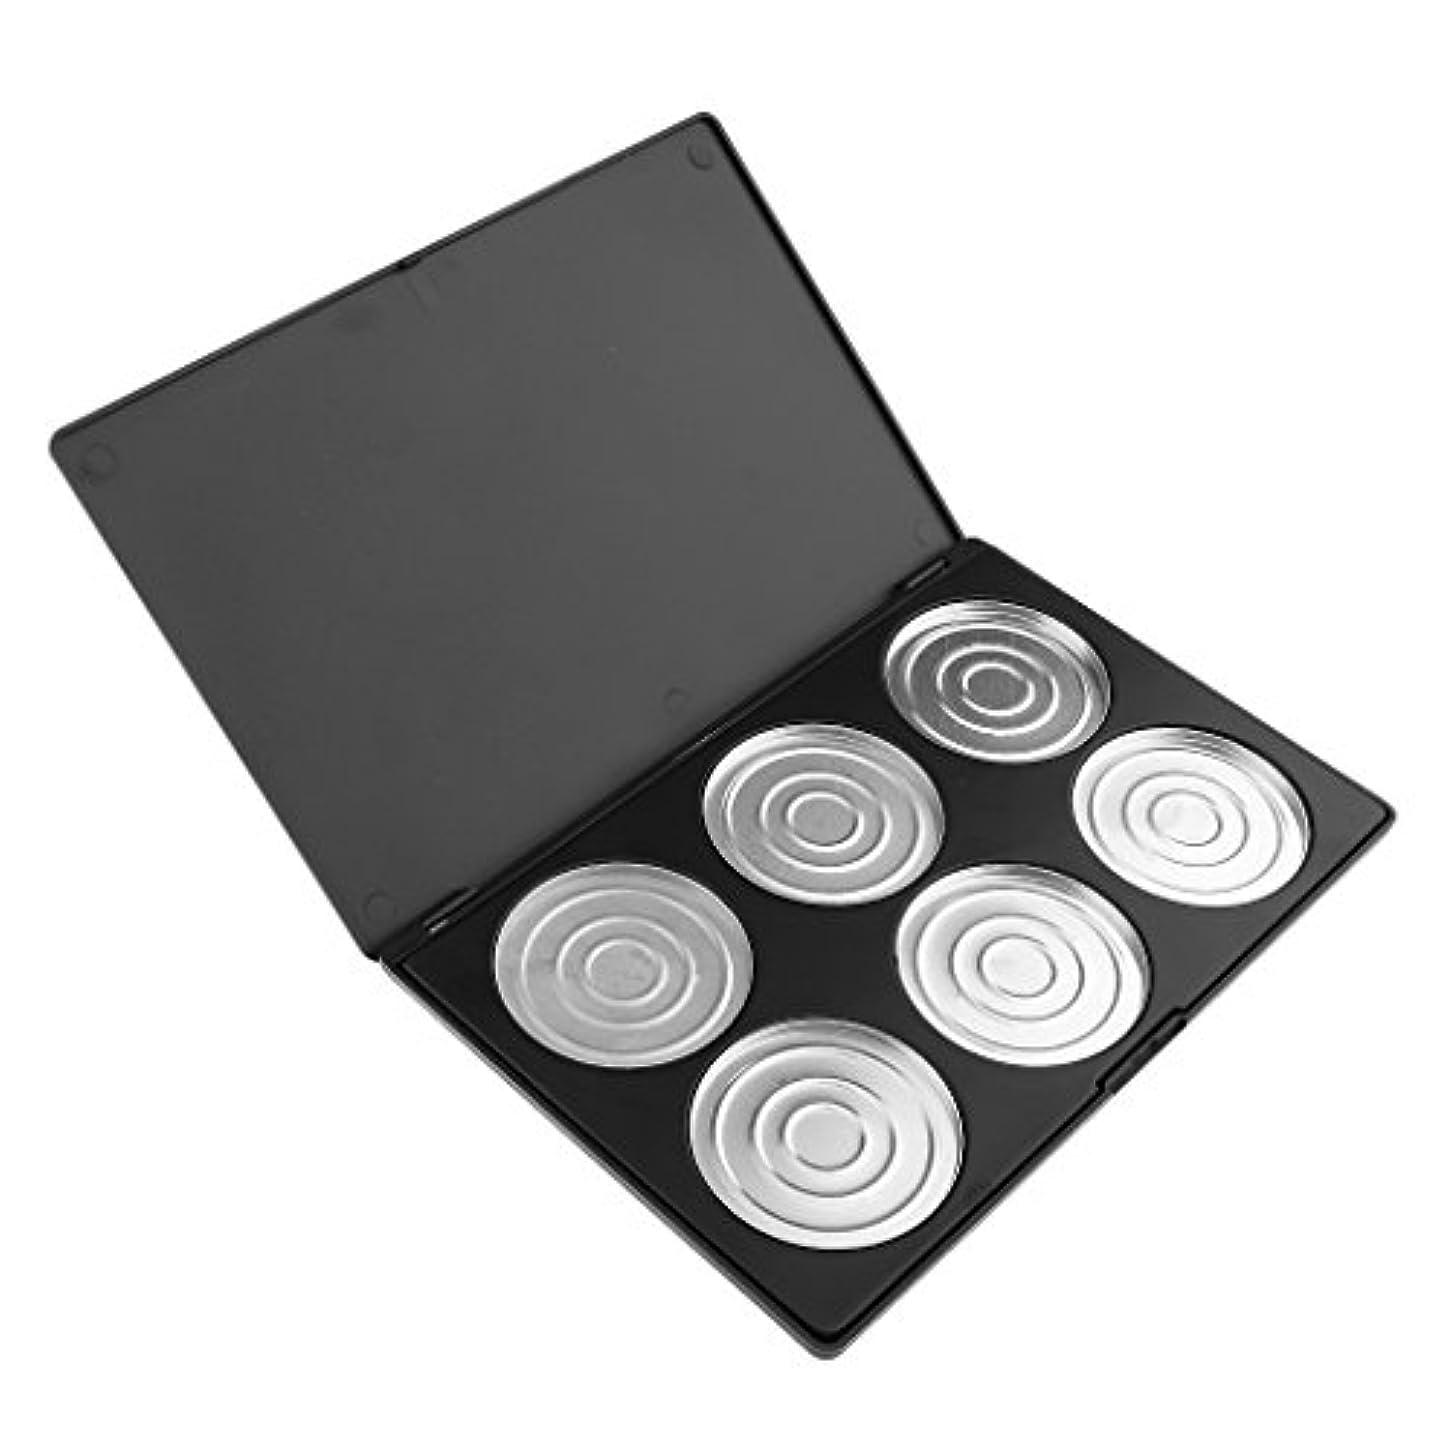 読書品扱うT TOOYFUL 12グリッド メイク 空 アイシャドーブラッシャー リップグロス パレット 化粧品 全2種類 - 6色収納ケース